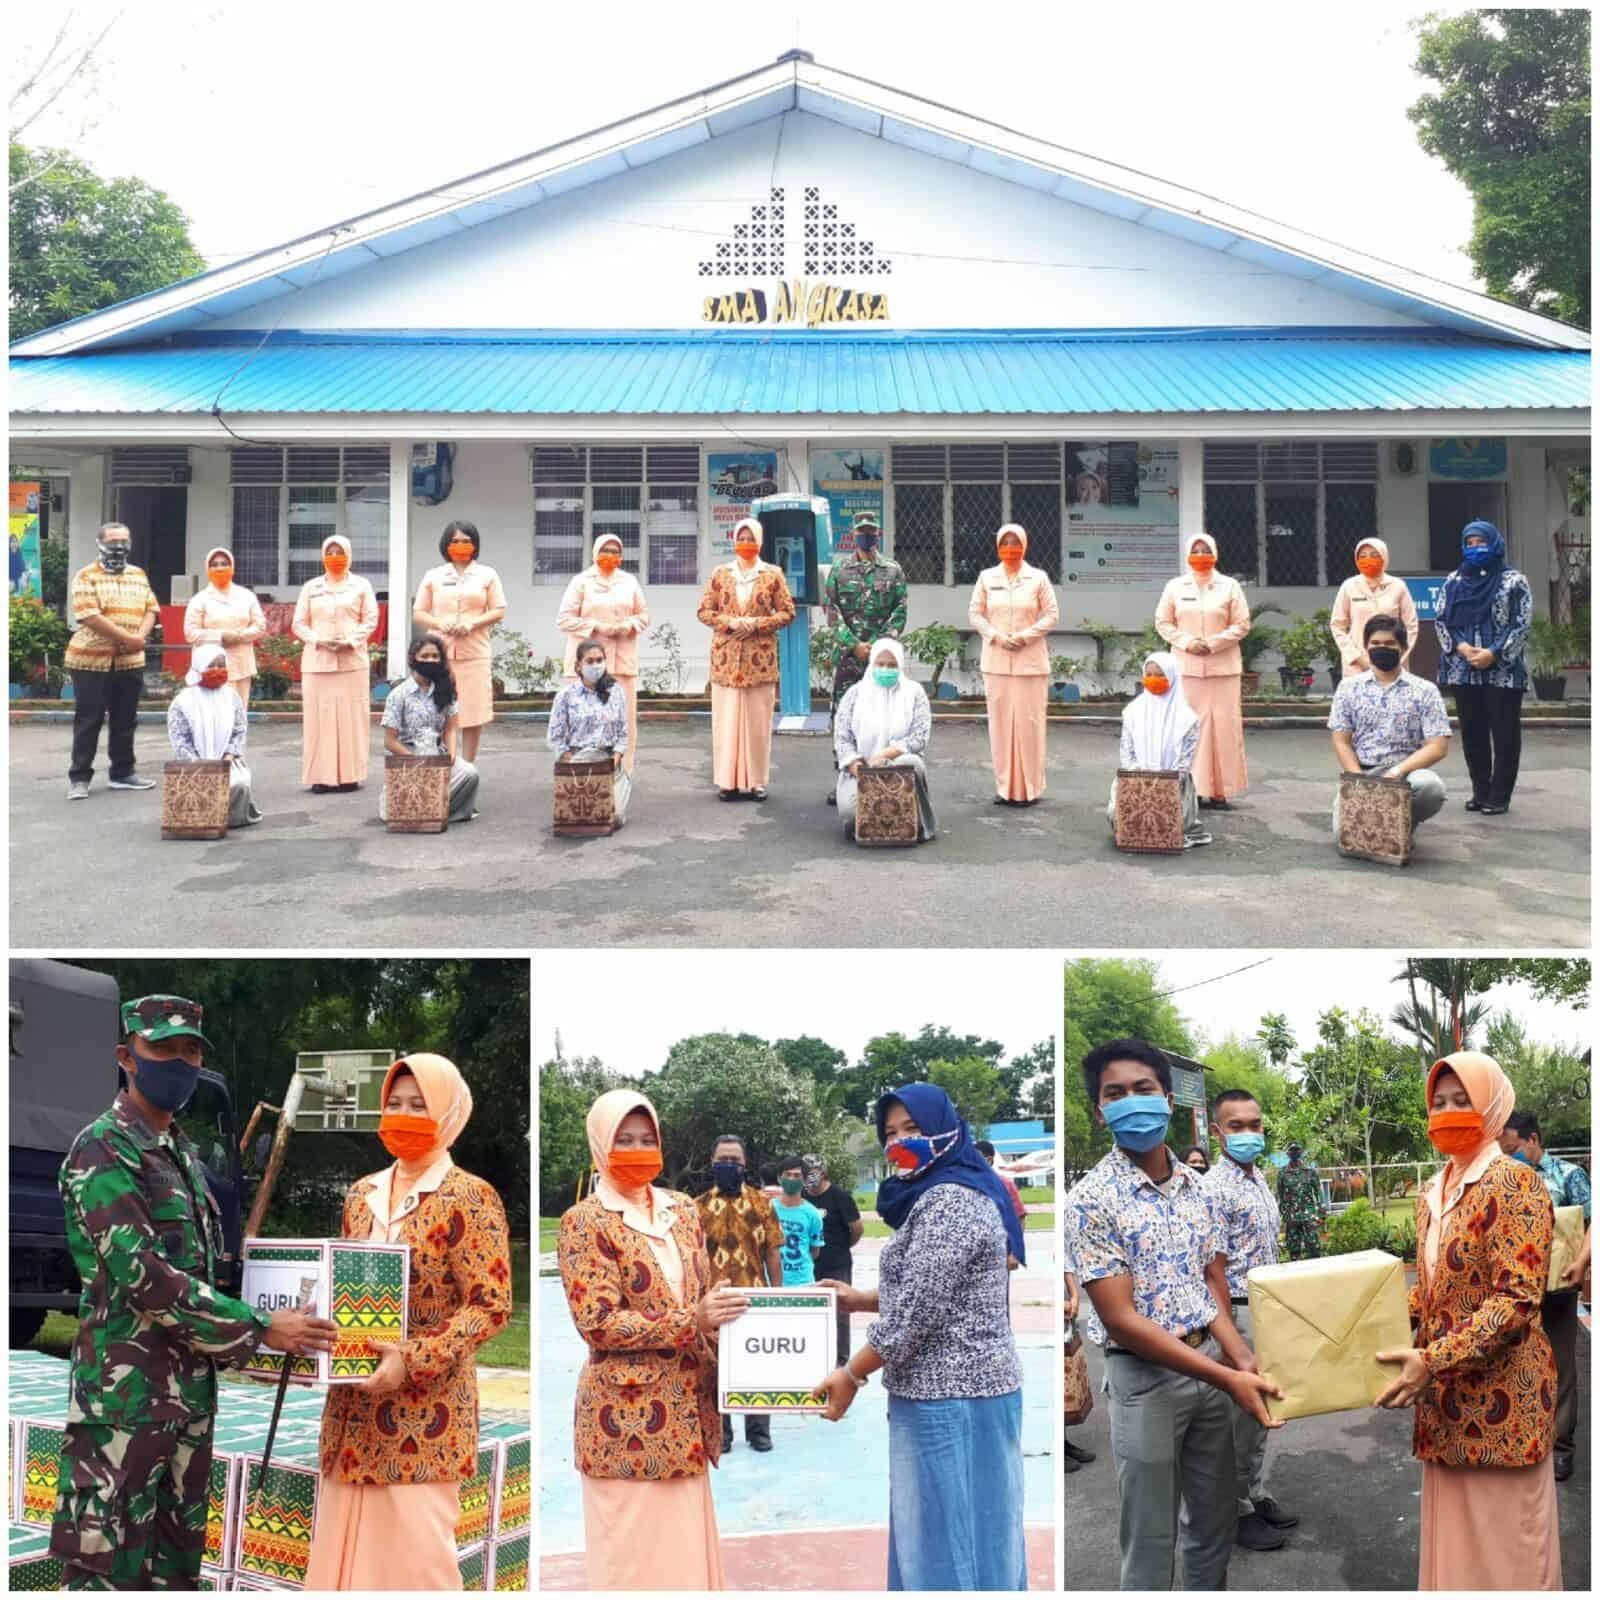 Yasarini Cabang Lanud Soewondo Bagikan Bingkisan Kepada Siswa Berprestasi, Guru dan 150 Paket Sembako Untuk Orang Tua/Wali Murid Yang Membutuhkan